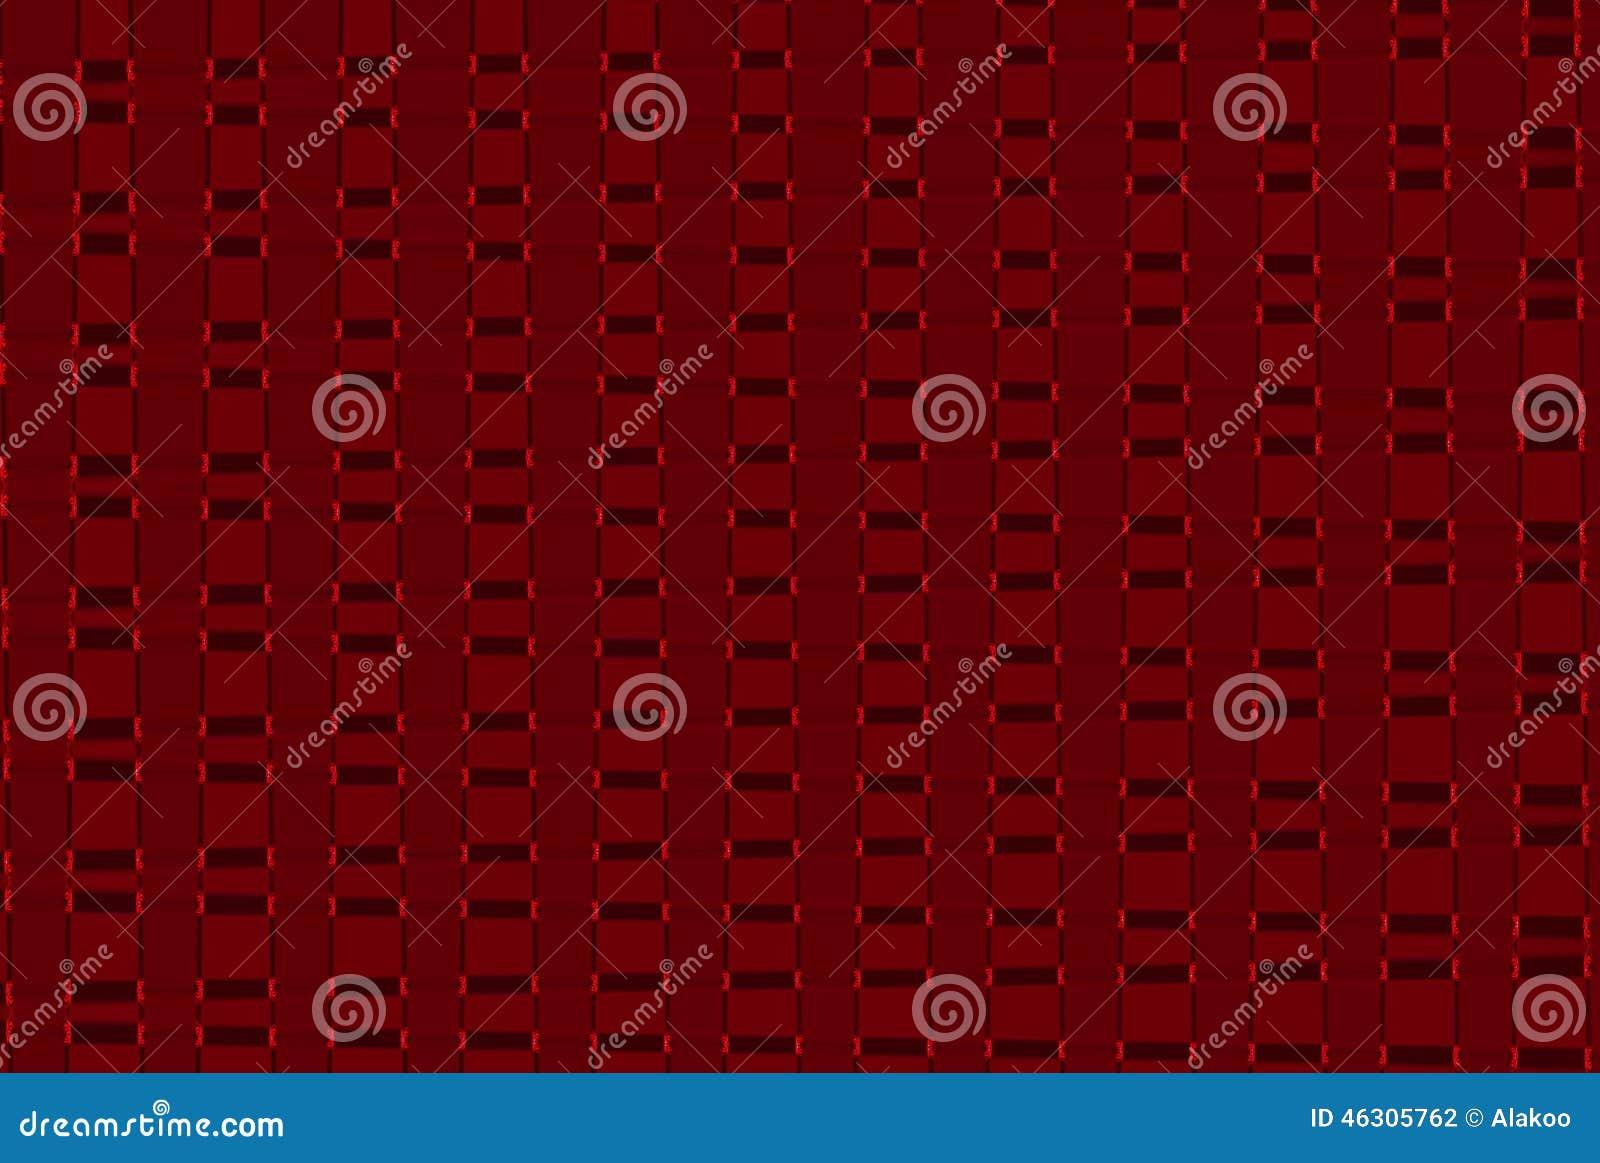 Fondo geométrico del modelo del extracto del color rojo, gráfico abstracto colorido de los cuadrados de rejillas con las líneas